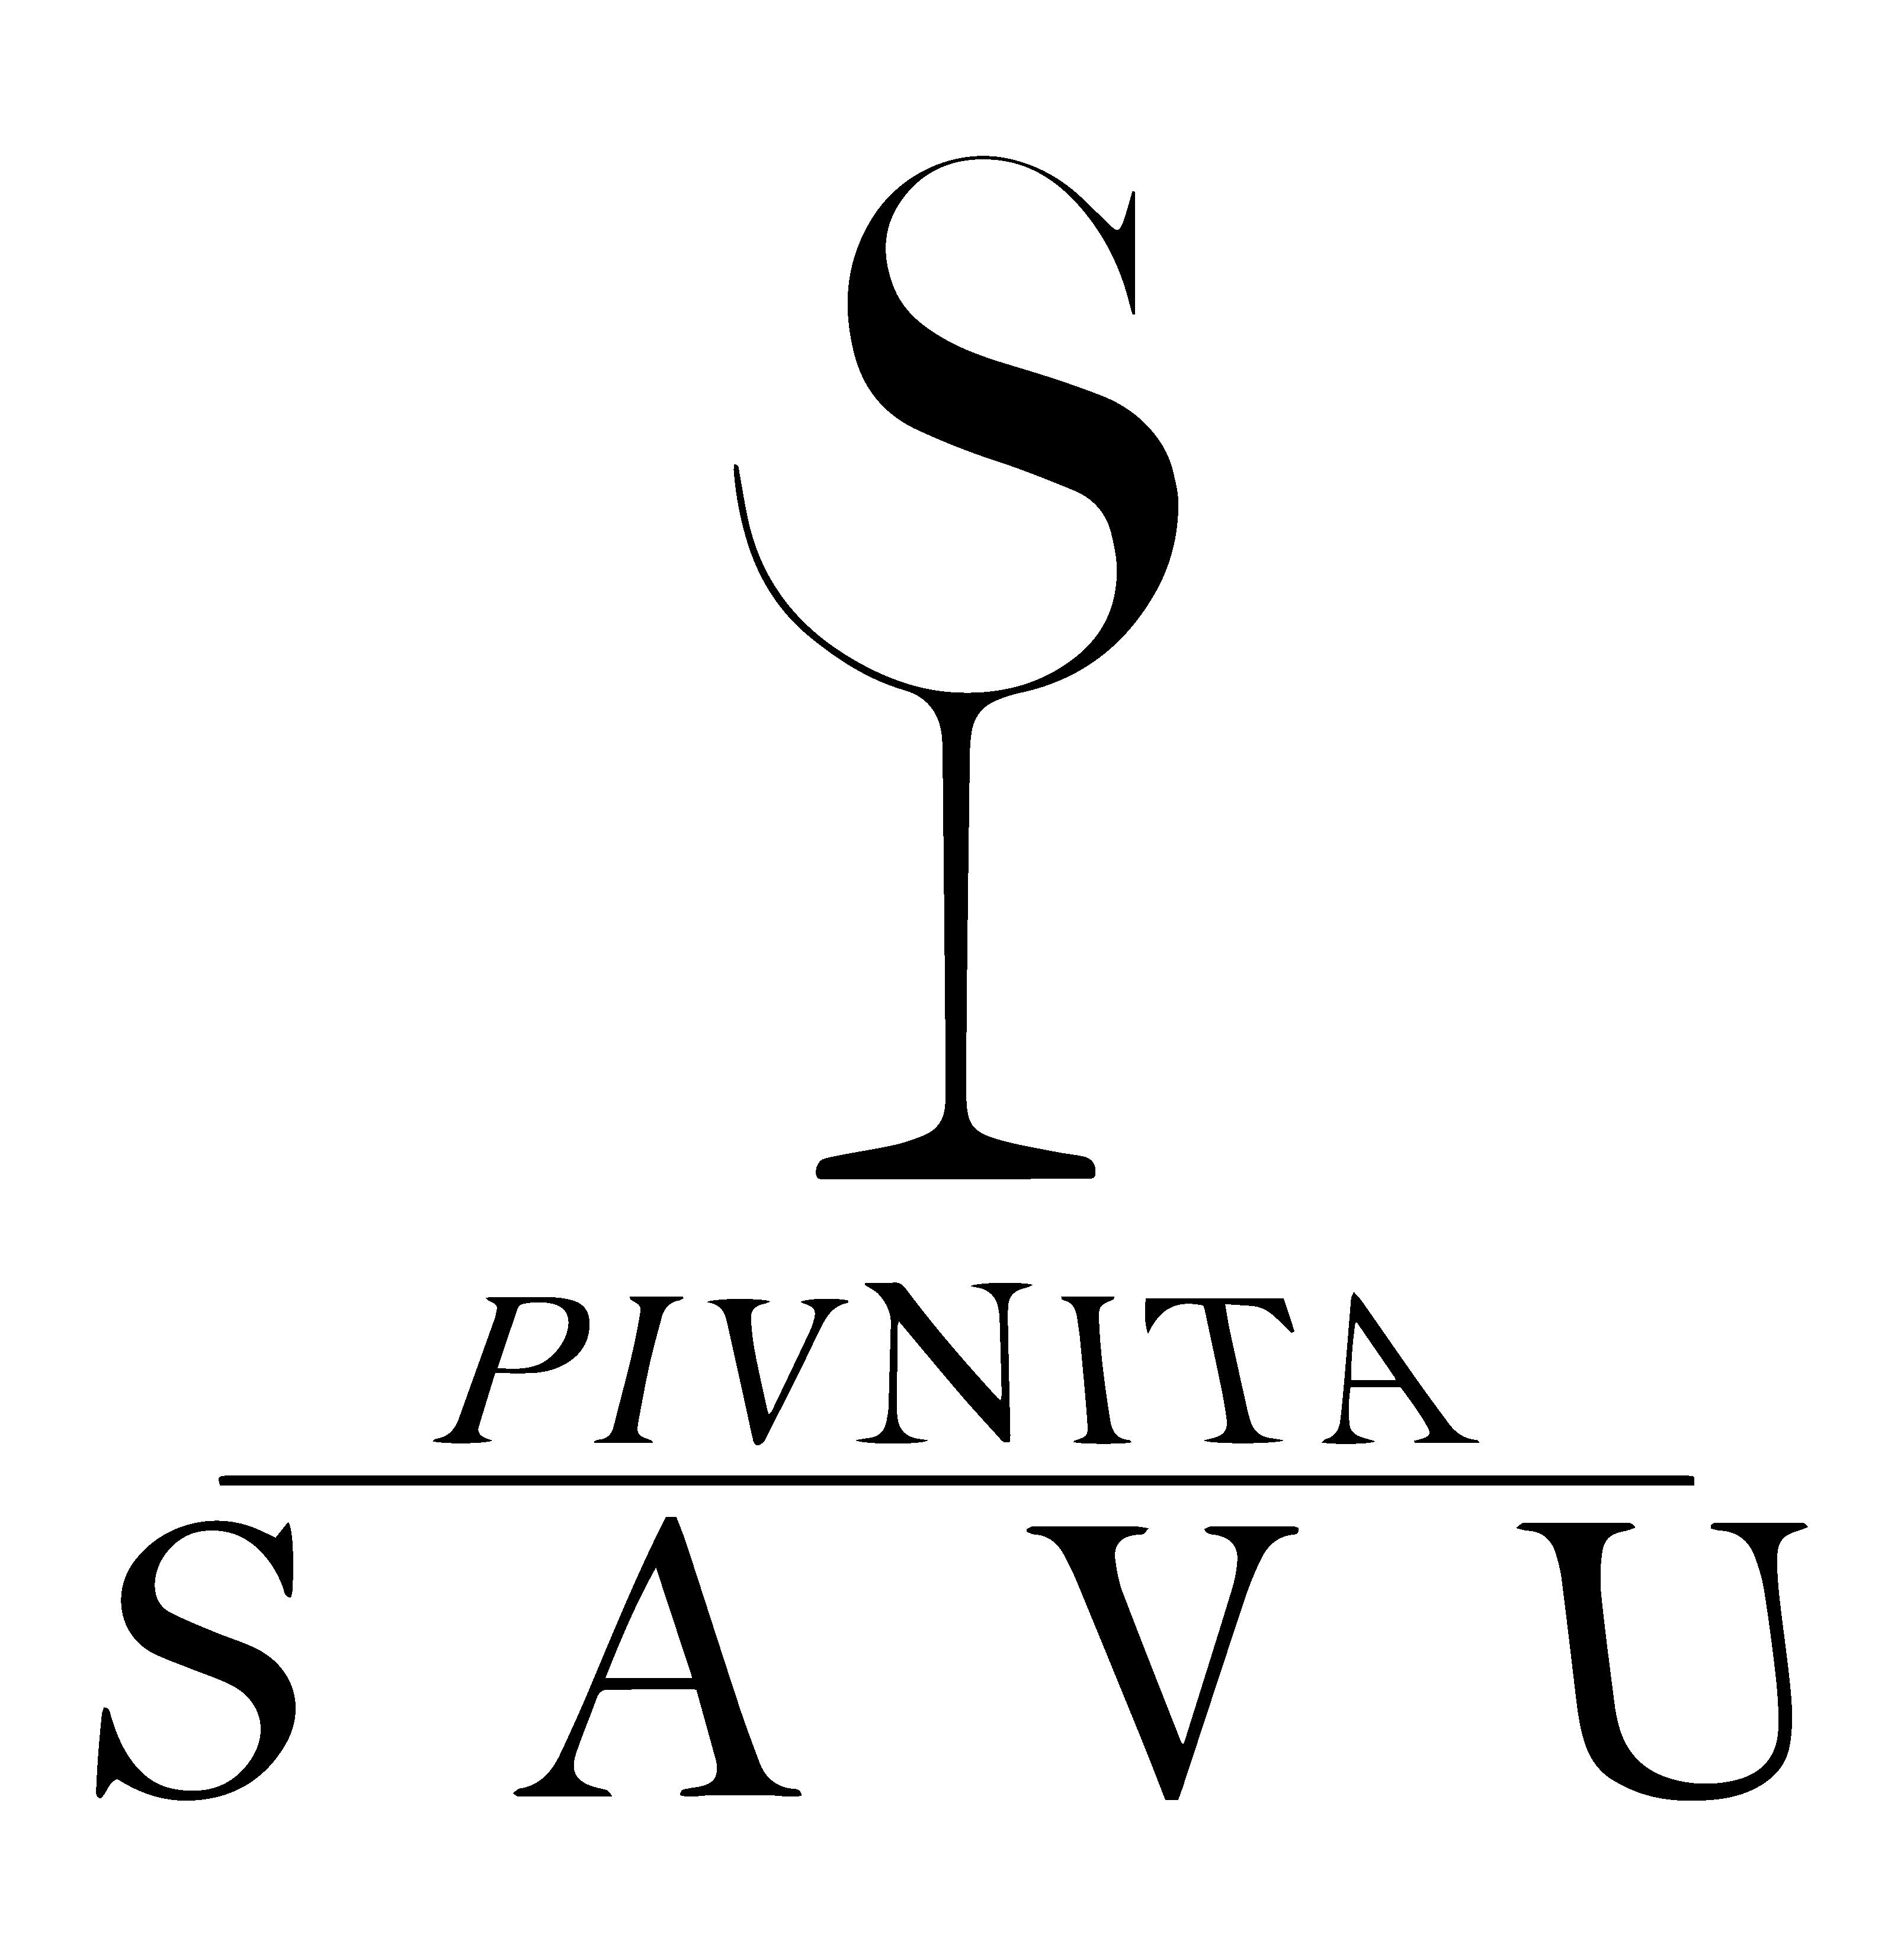 Pivnita Savu